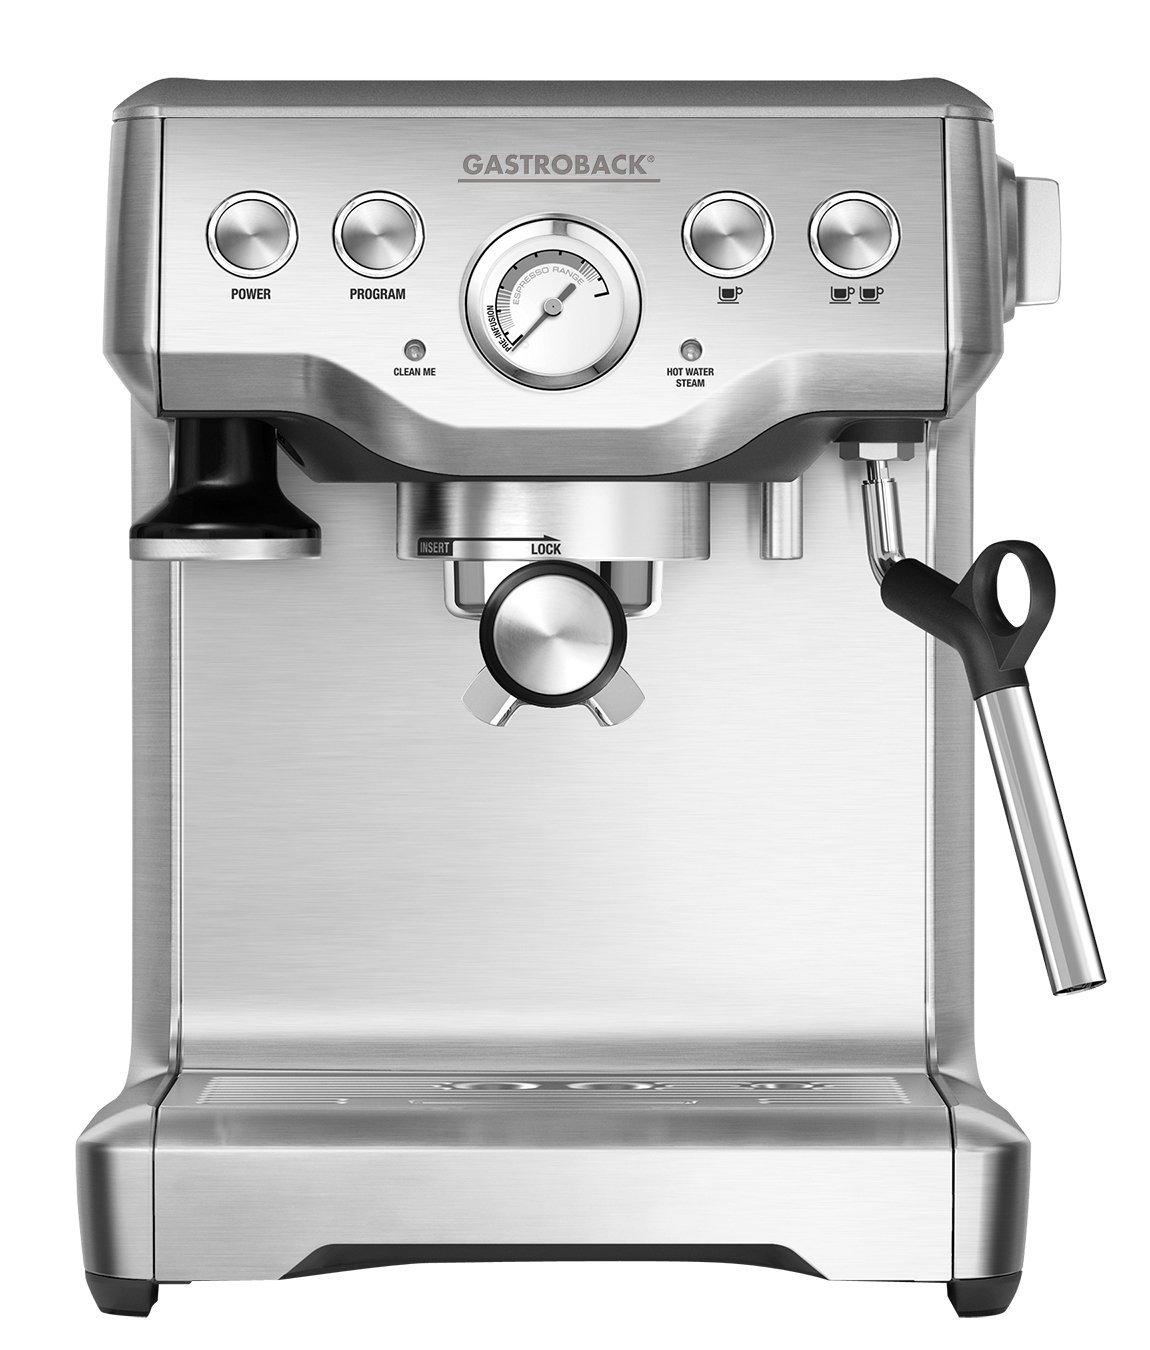 Gastroback 42611 Design Espresso Advanced Plus